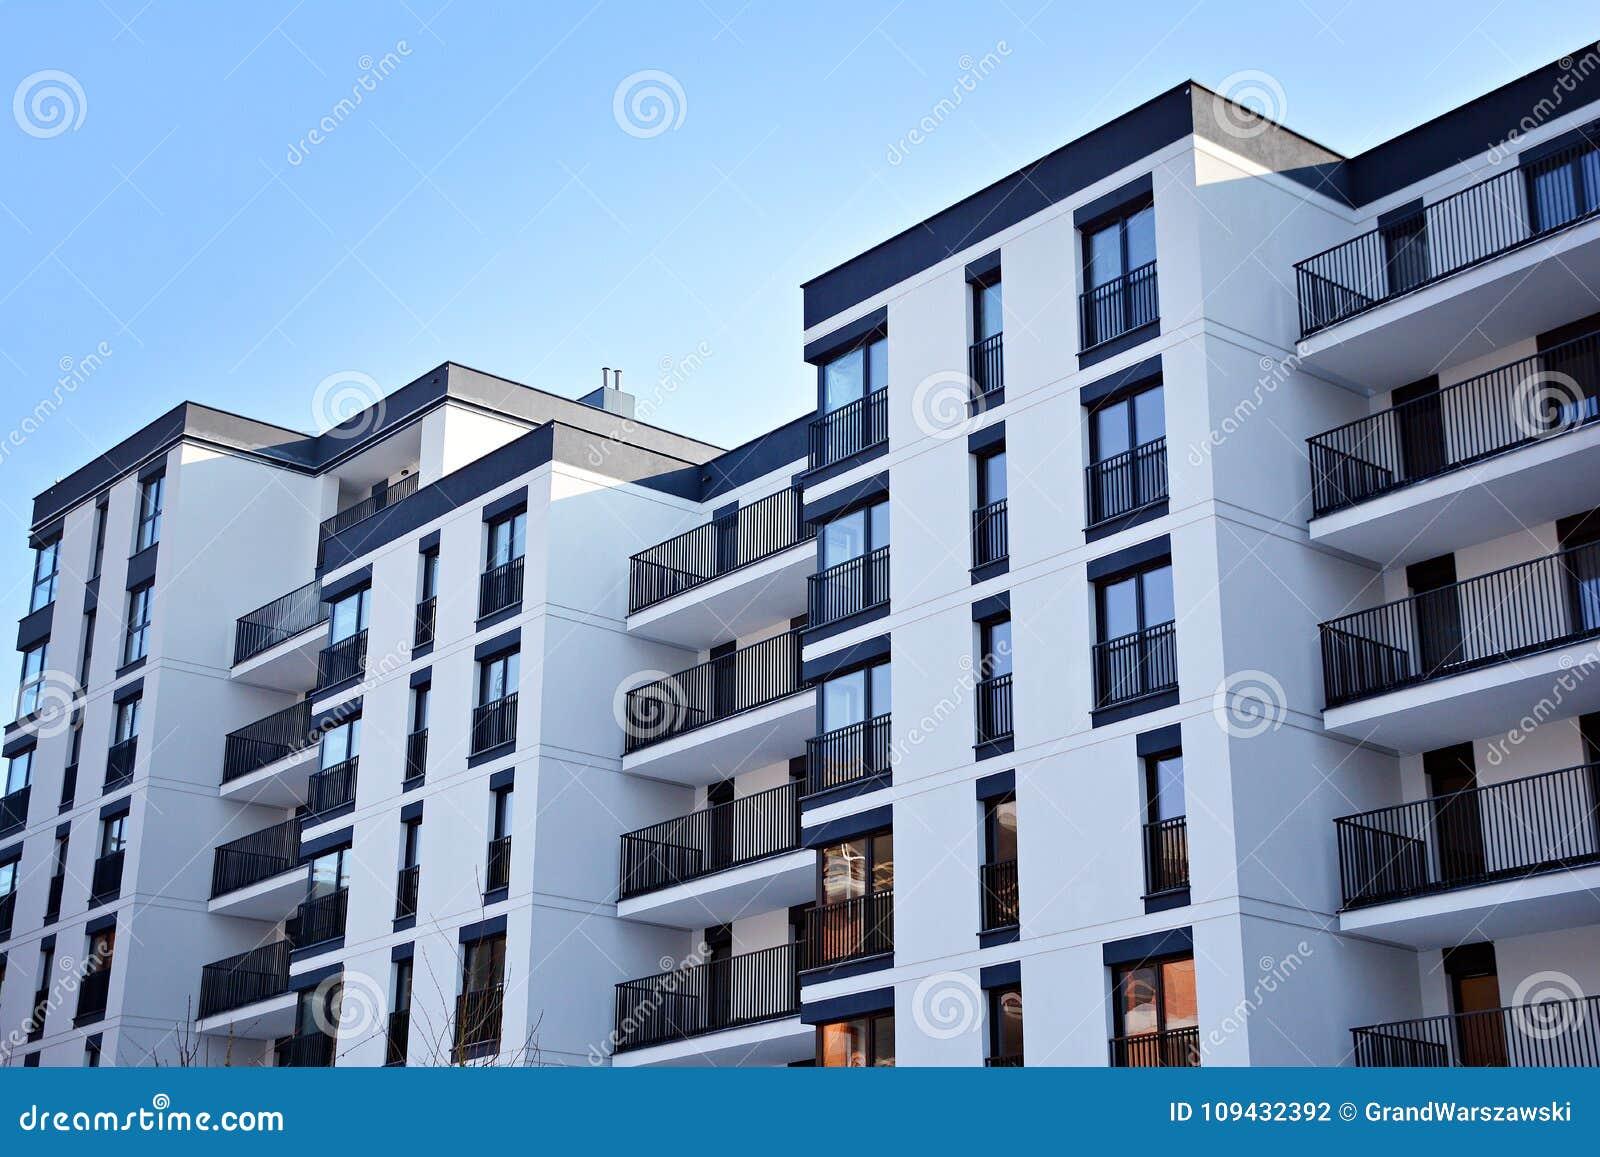 Facade Of A Modern Apartment Building Stock Photo - Image ...